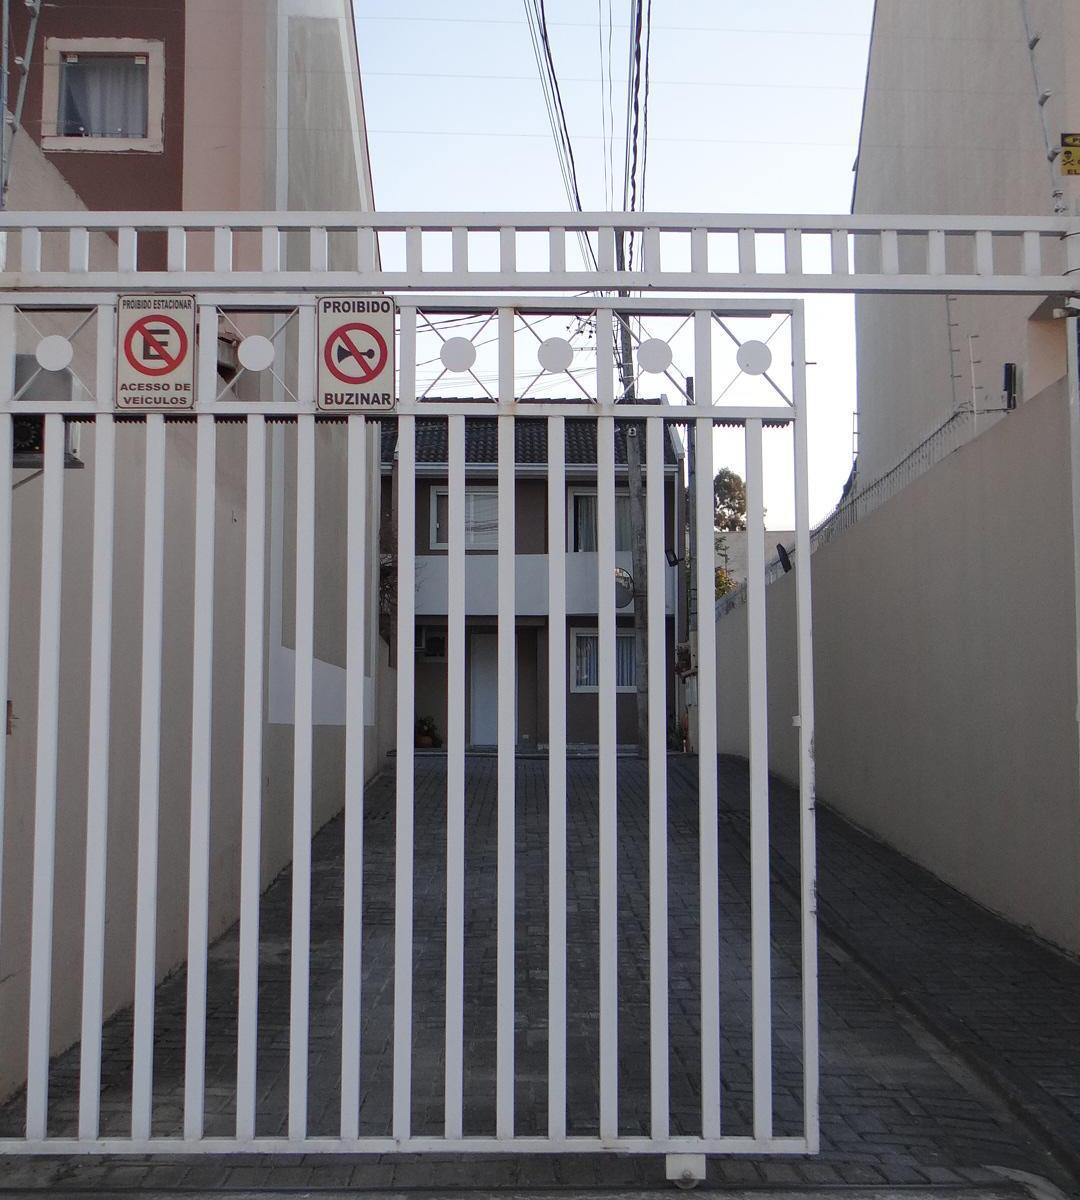 http://www.infocenterhost2.com.br/crm/fotosimovel/277853/81199273-sobrado-em-condominio-curitiba-guabirotuba.jpg